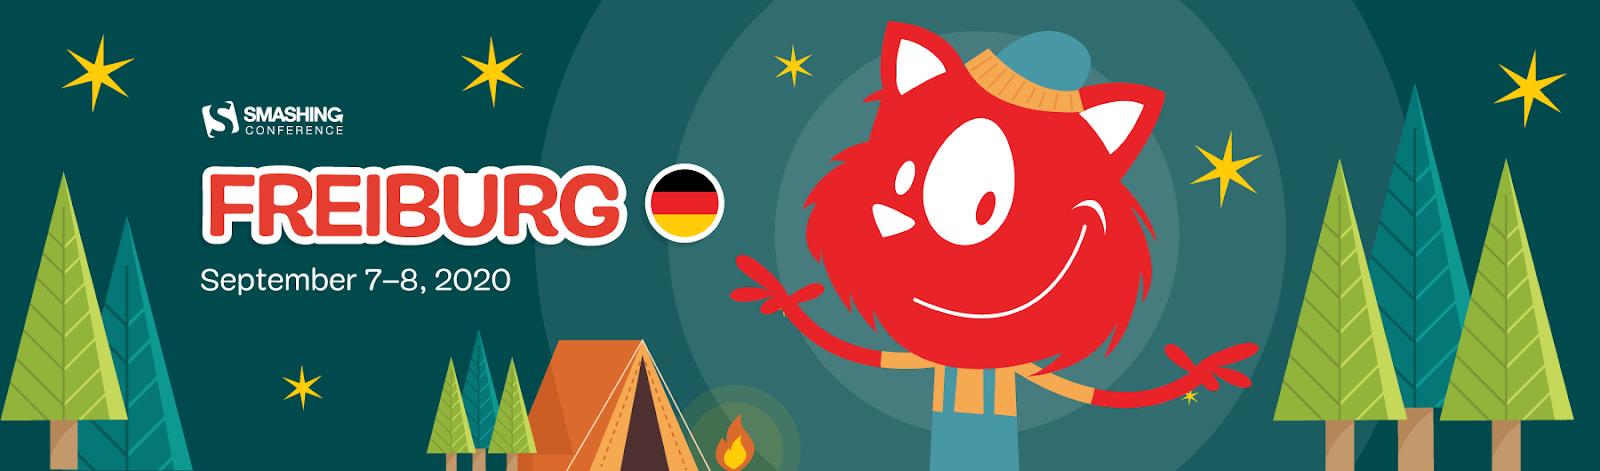 SmashingConf Freiburg 2020 banner